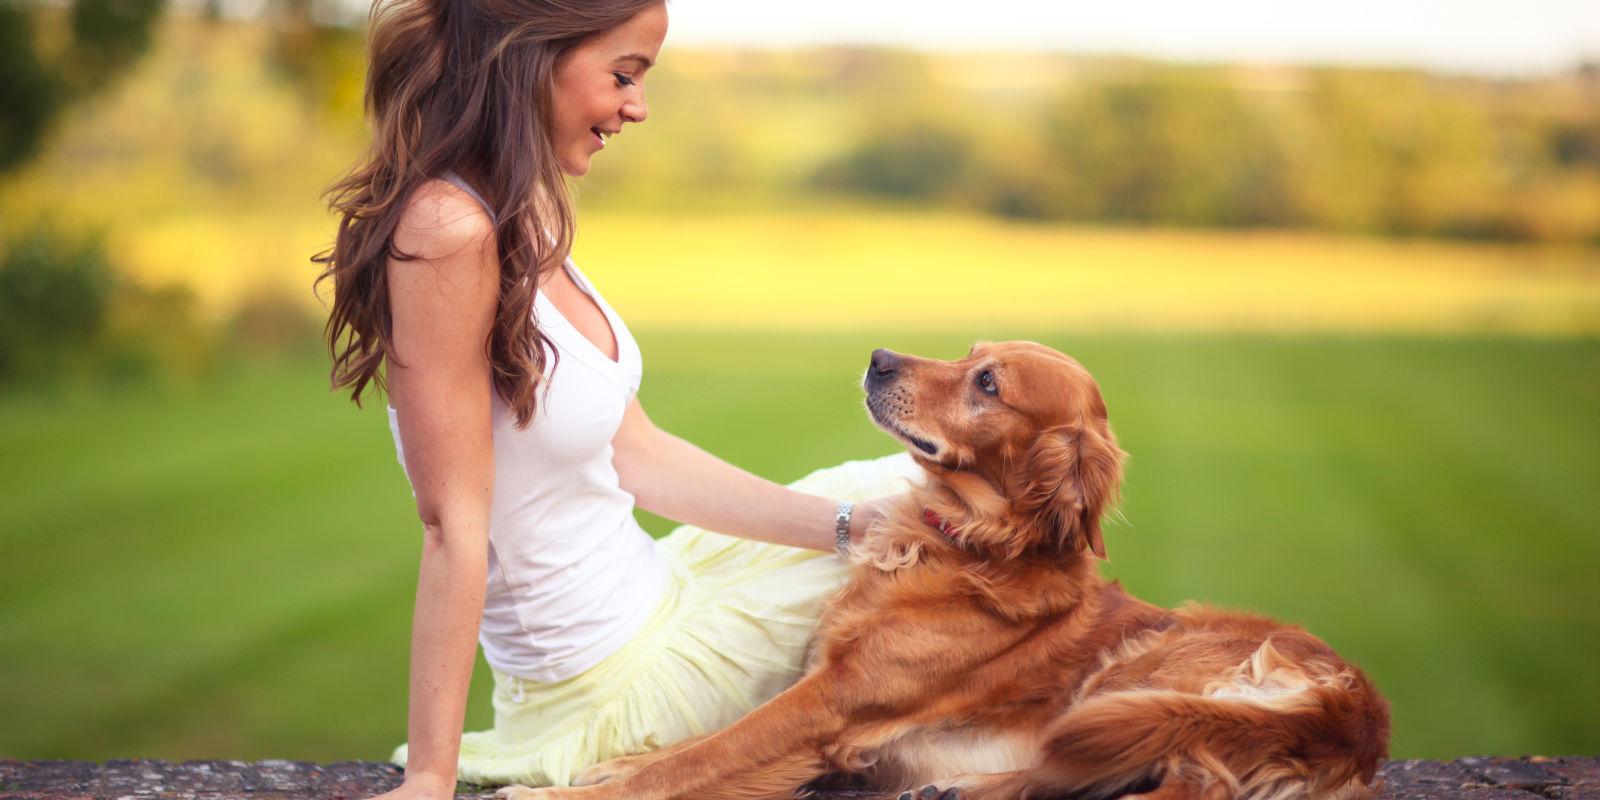 10 nomi per cani maschi e femmina dolci e carini for Nomi per cani maschi piccoli